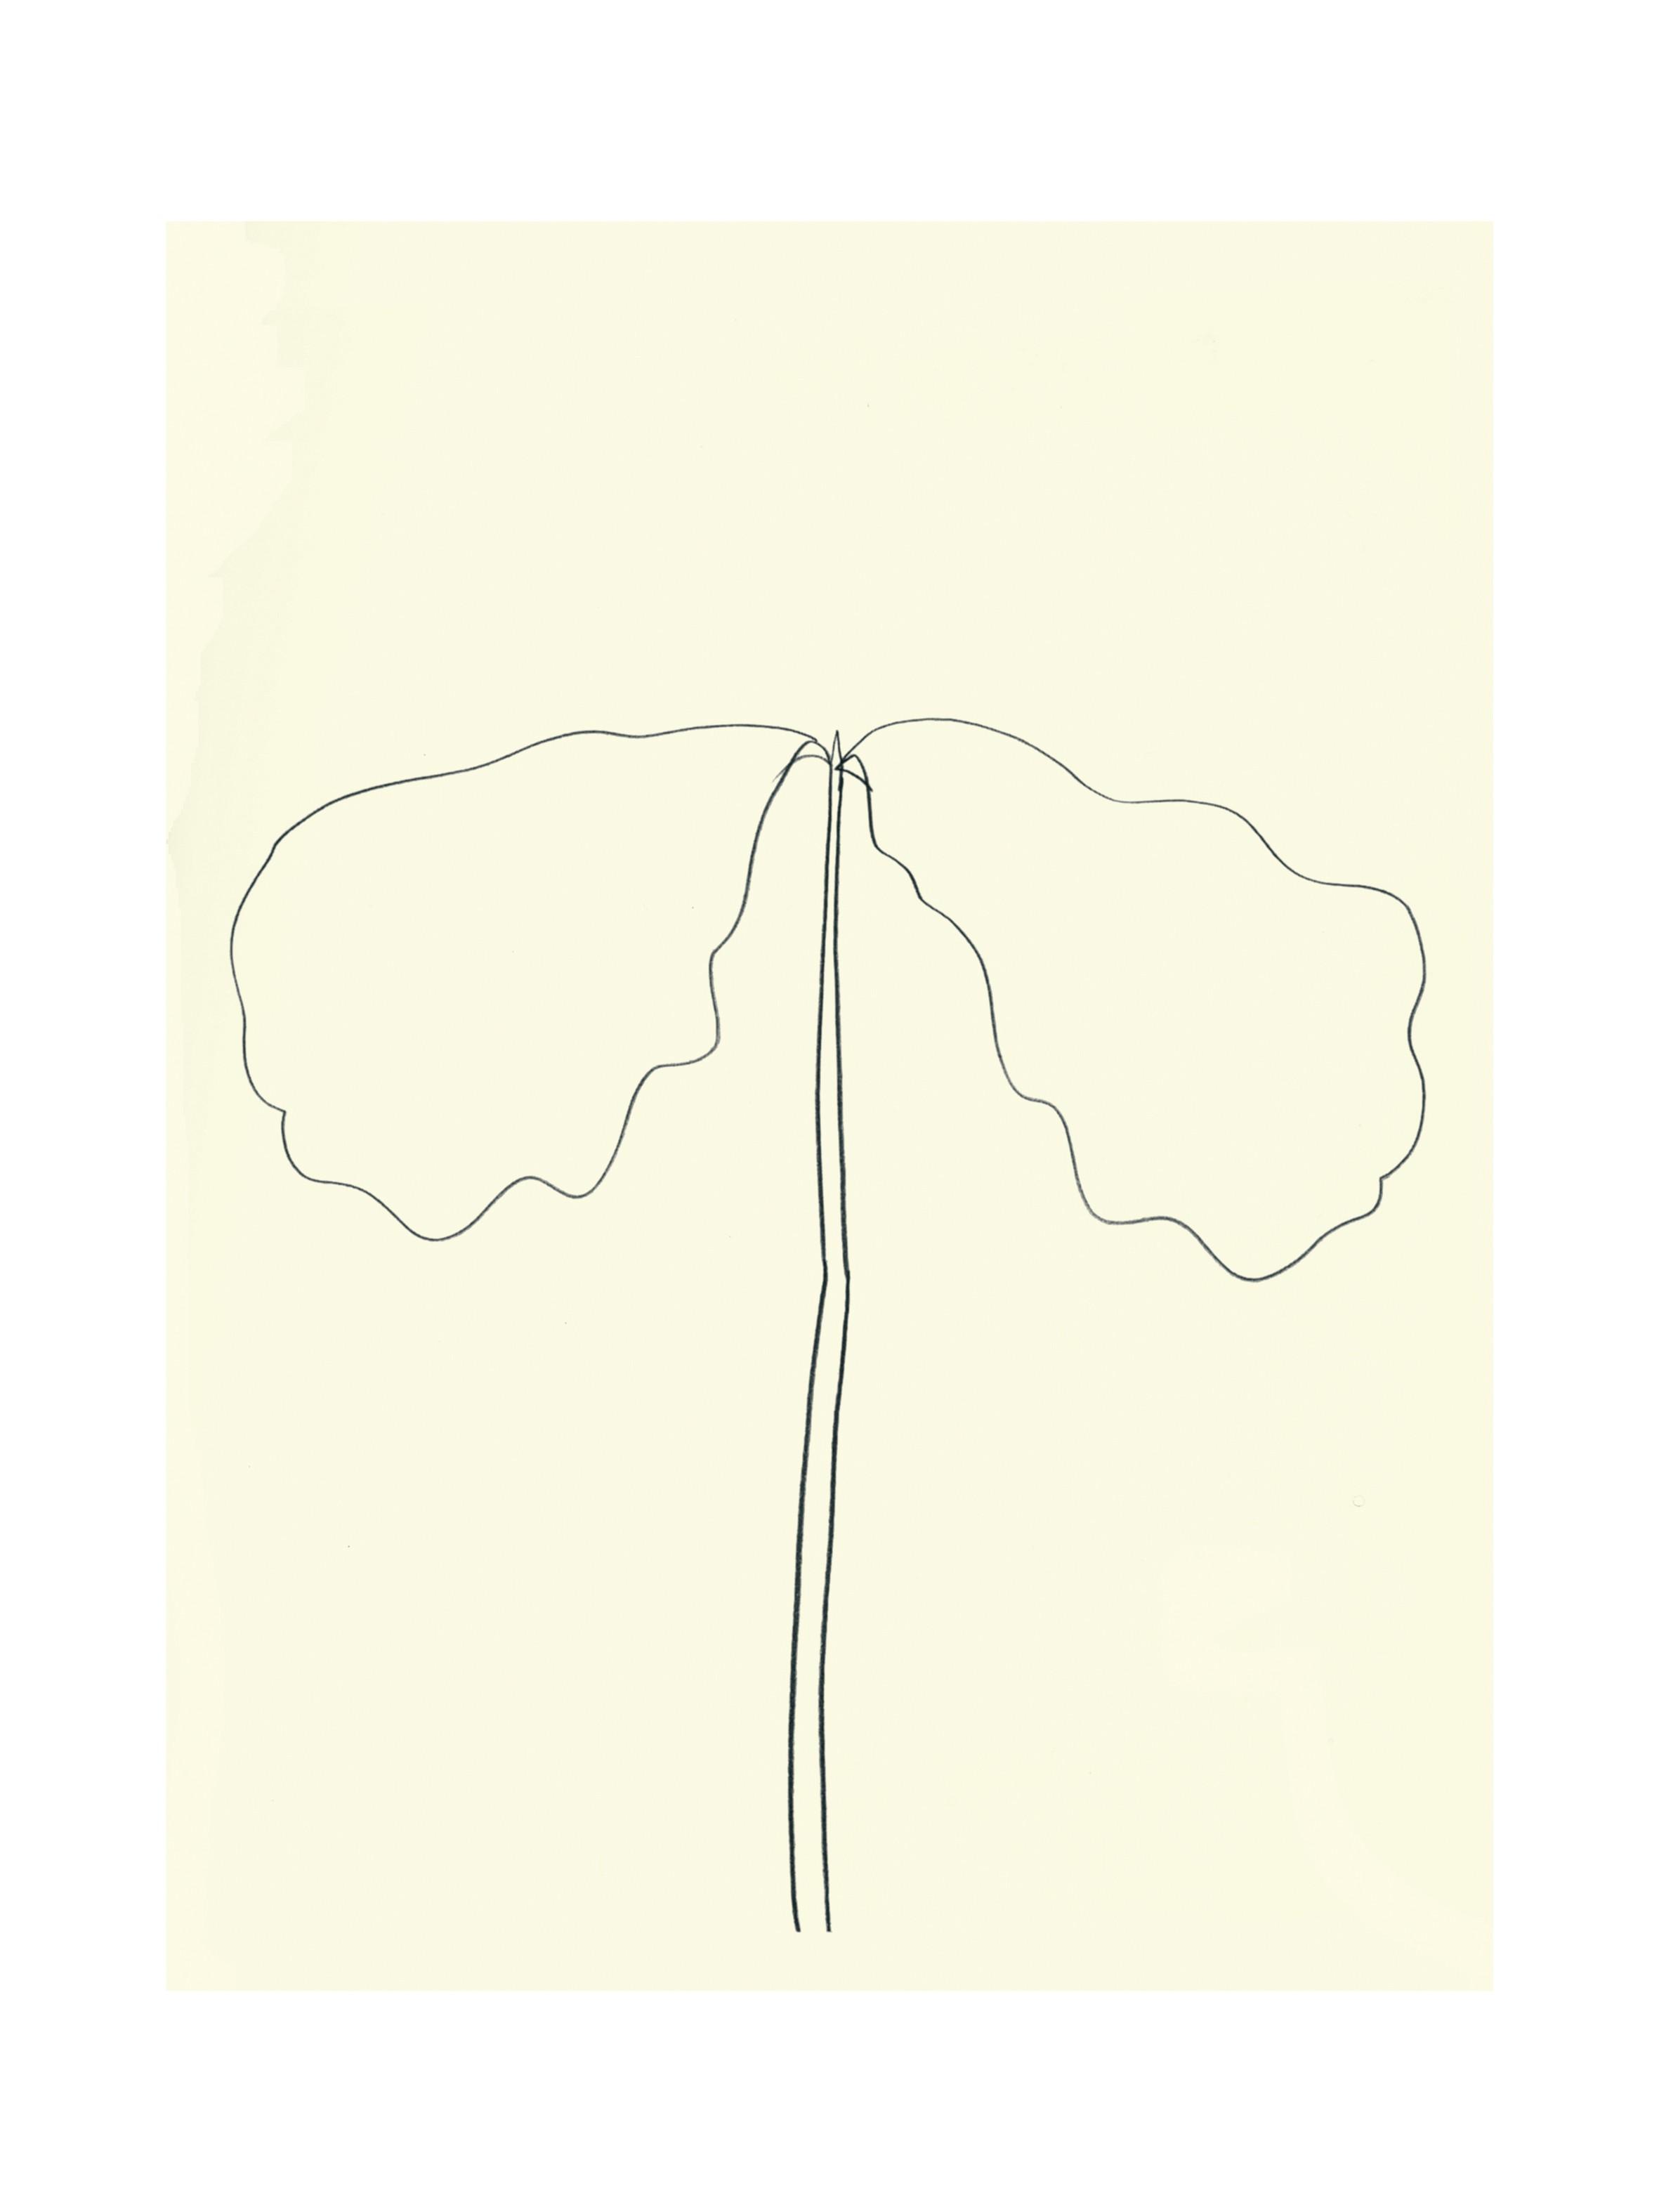 Chêne, 1964